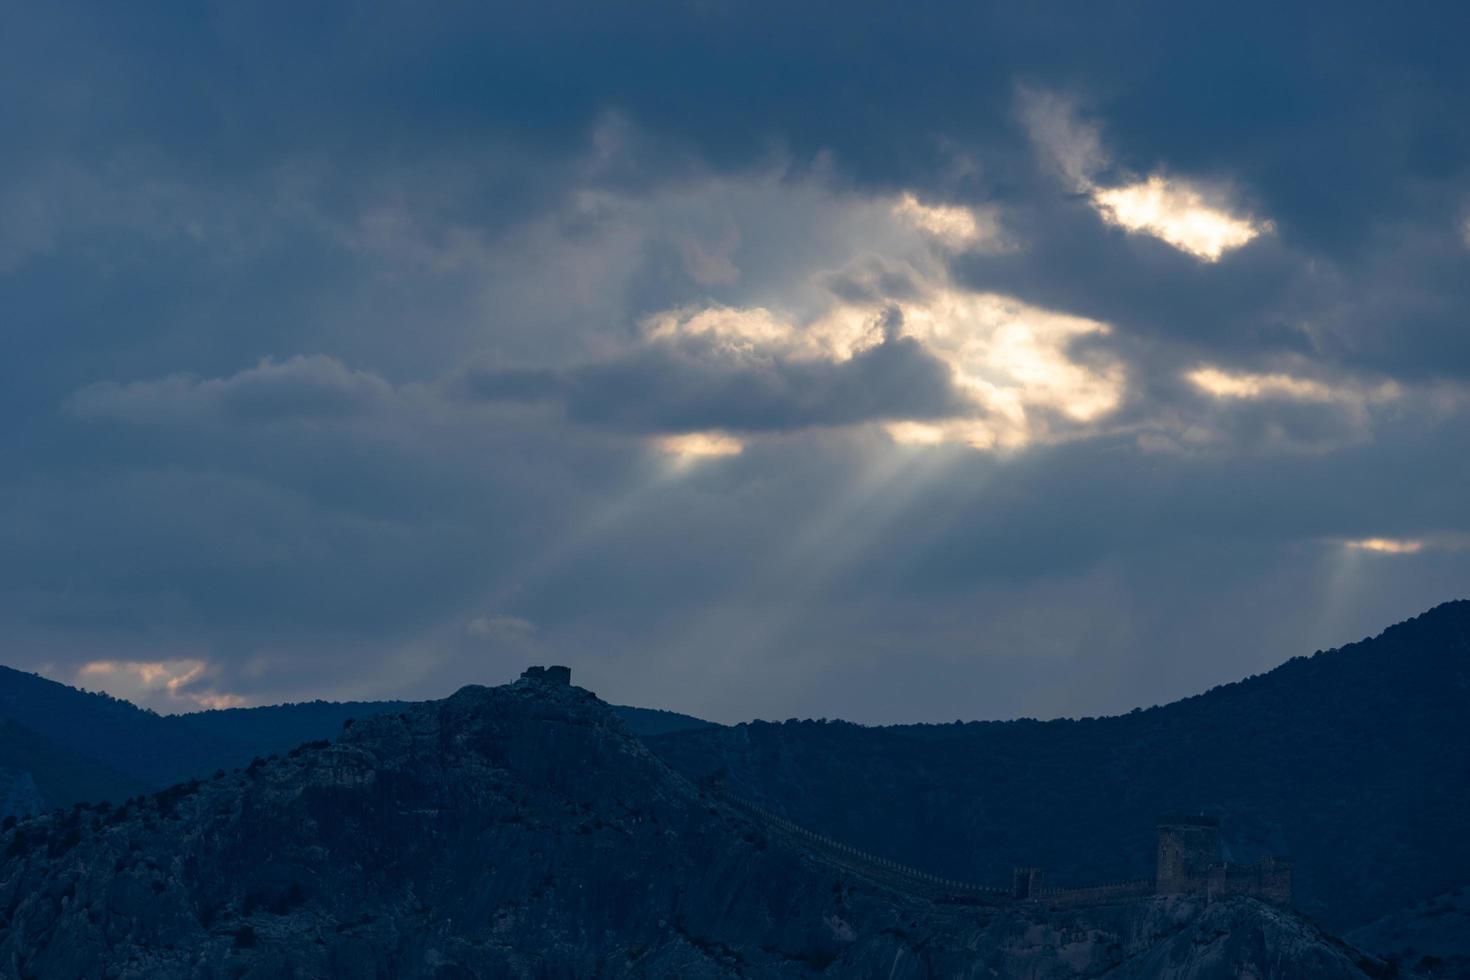 dramatische lucht boven de bergen. sudak, de Krim foto